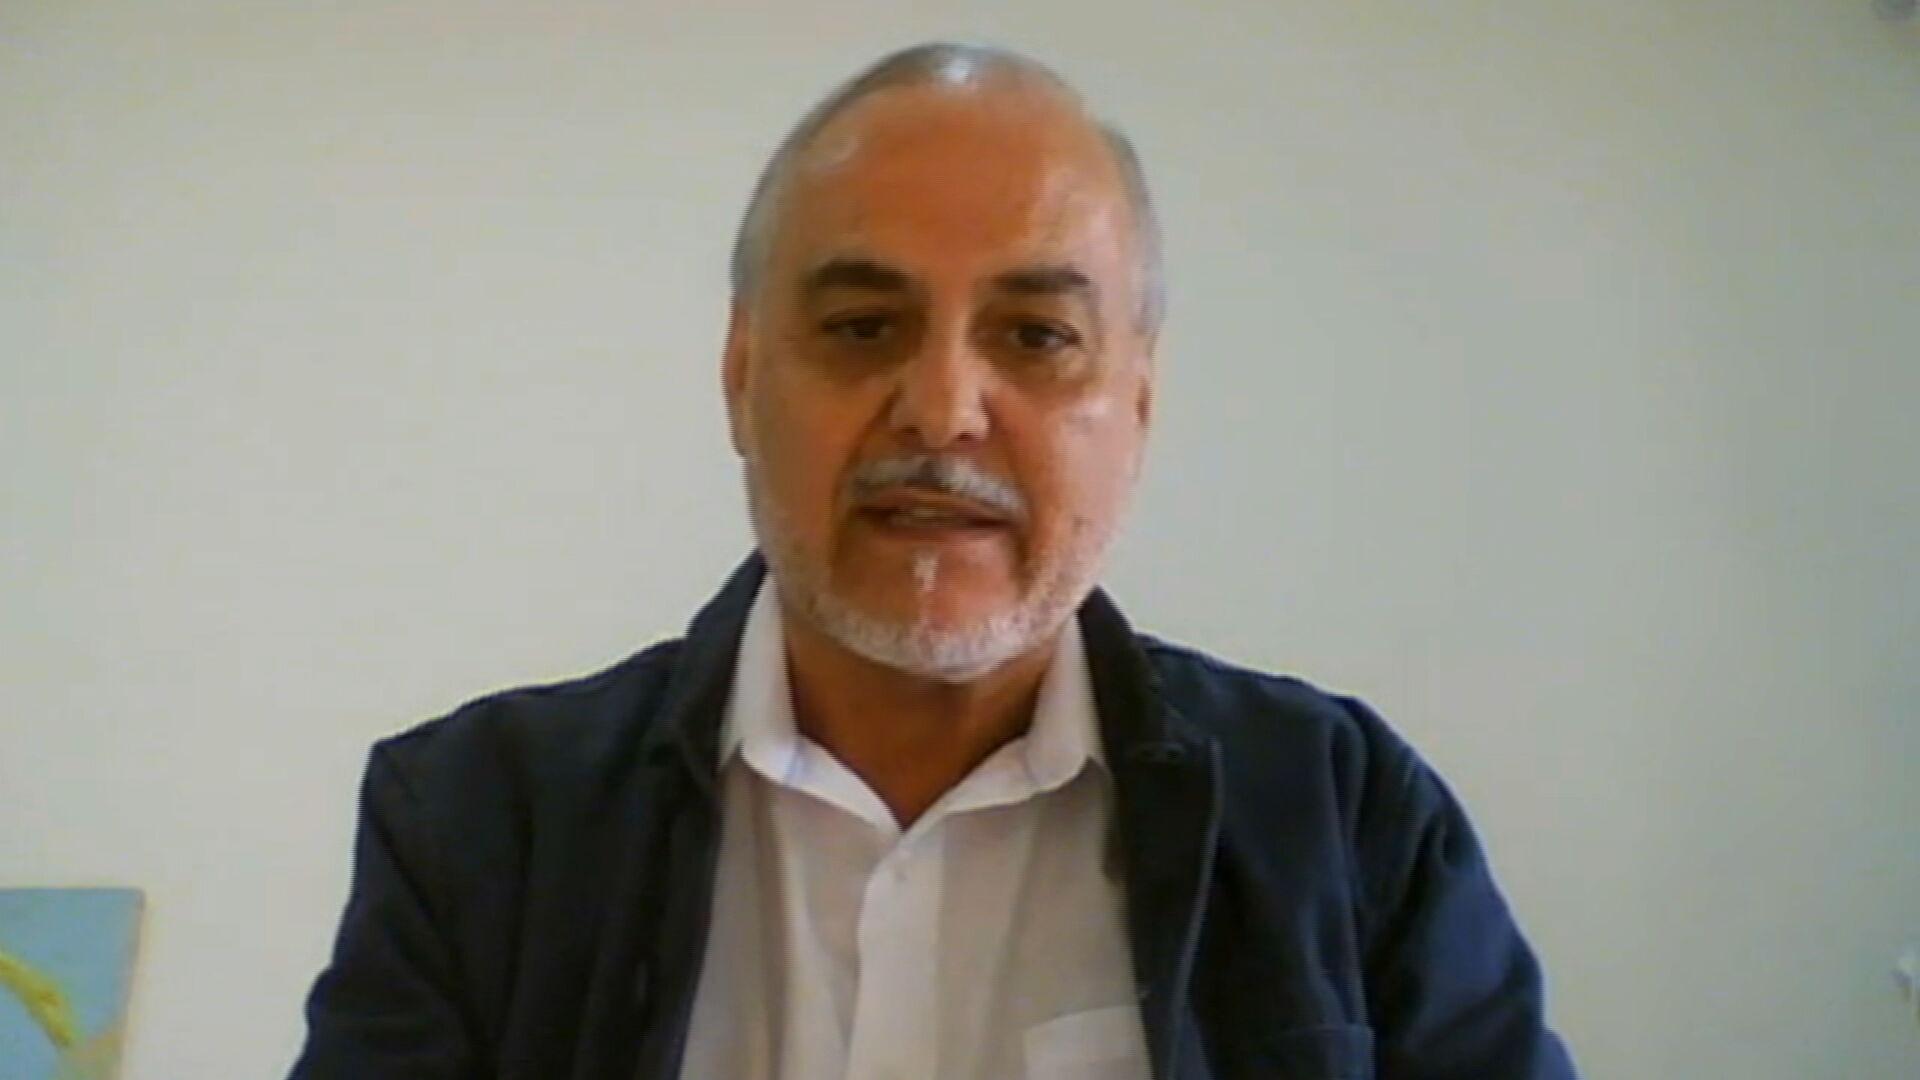 Horácio Figueira, engenheiro especialista em trânsito em entrevista para a CNN (